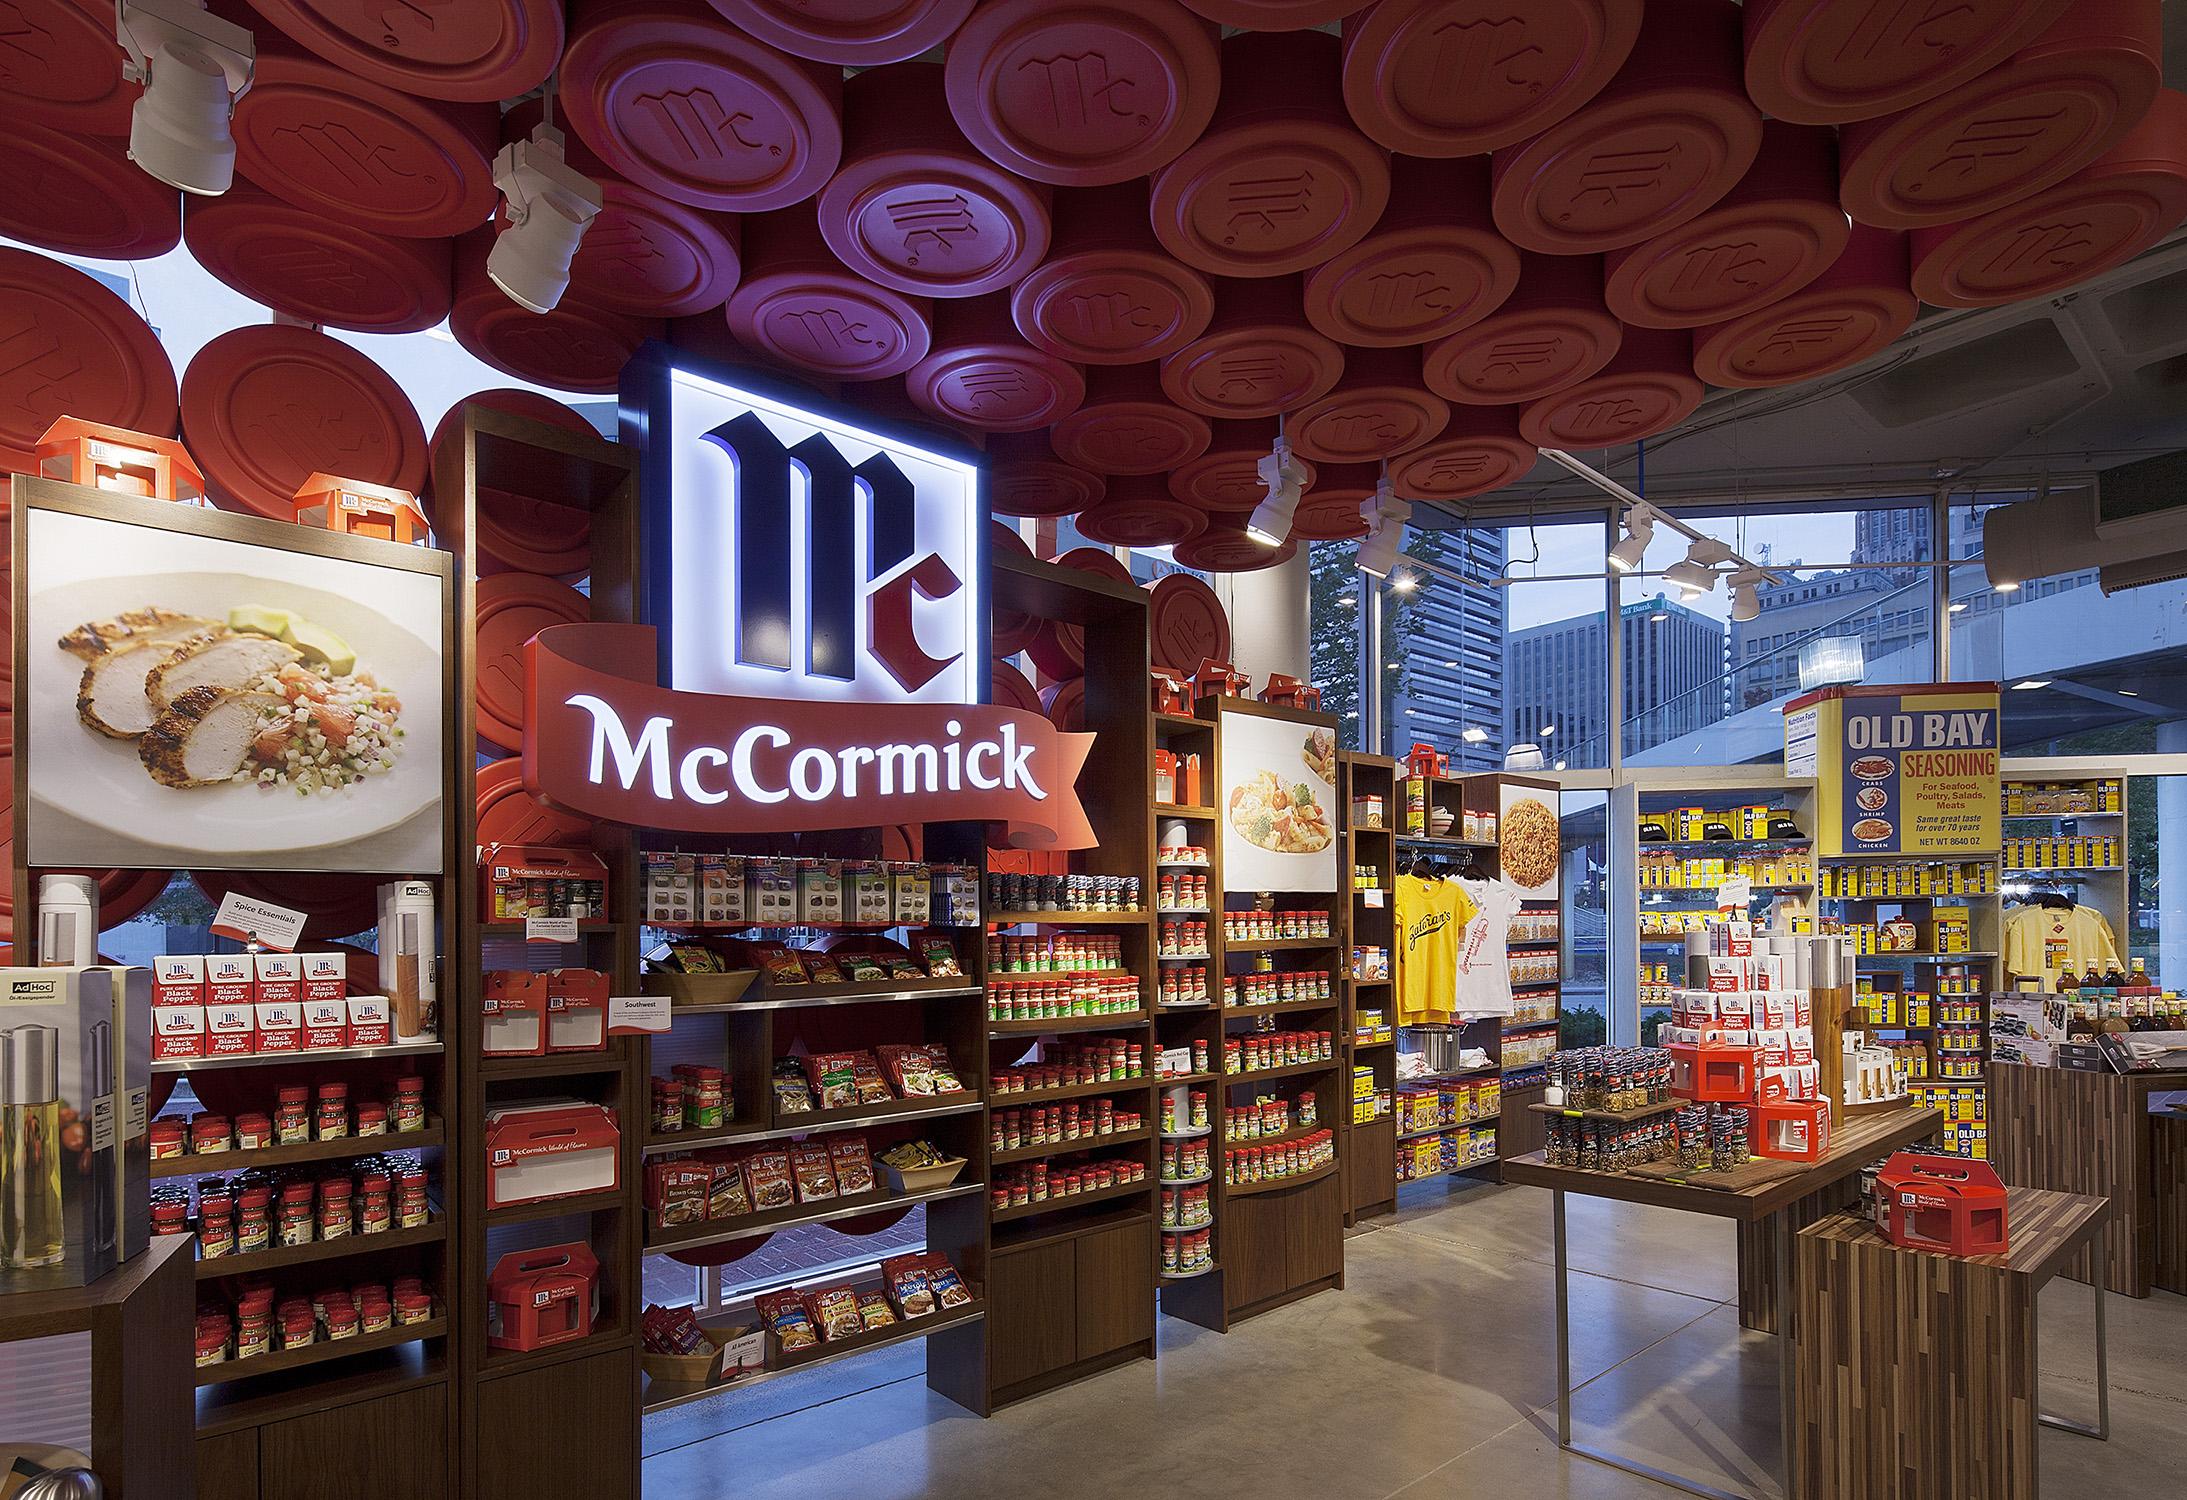 McCormick, Baltimore